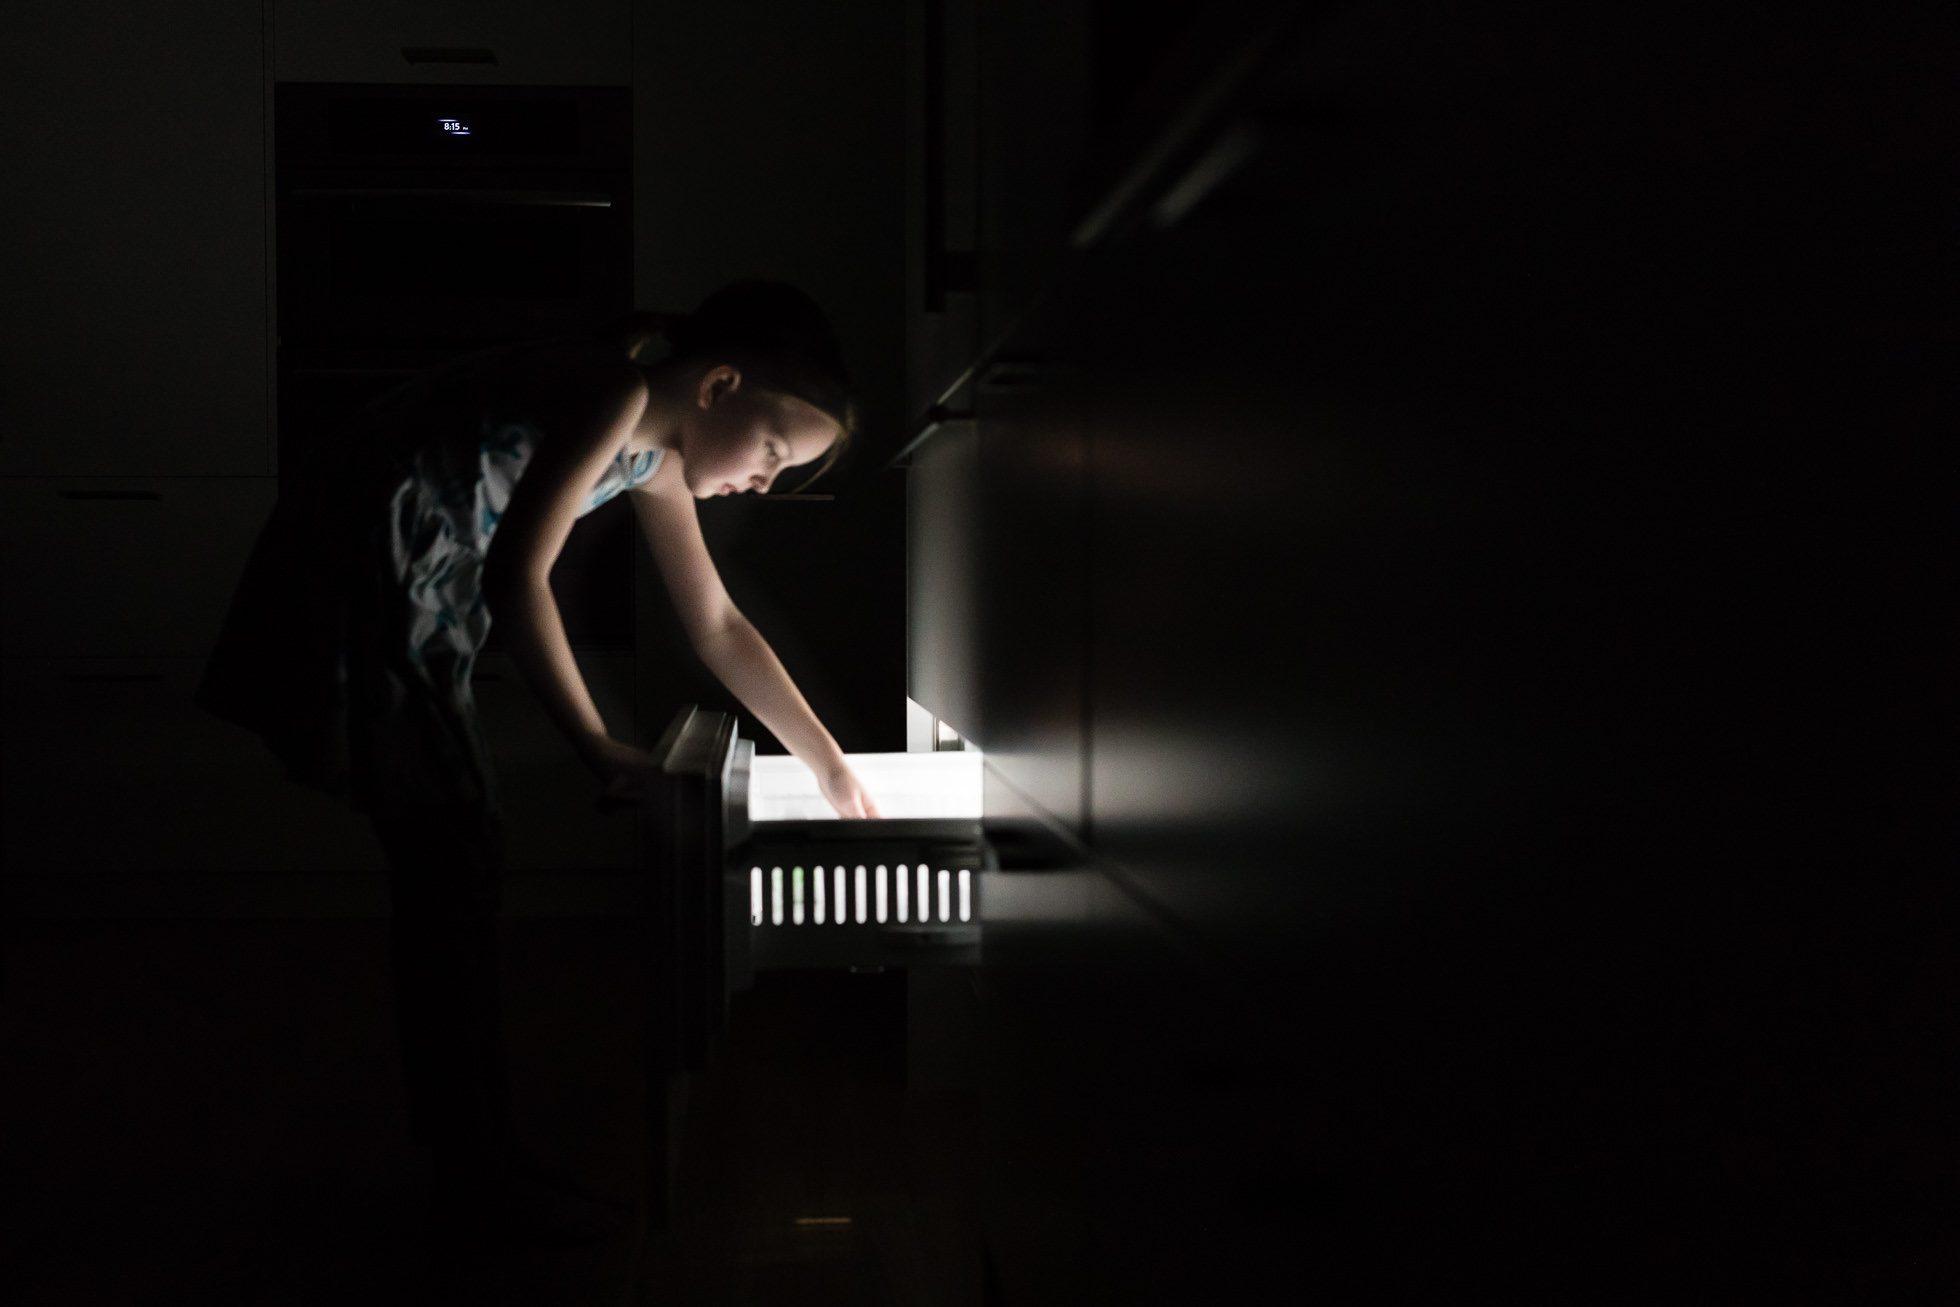 low light image of girl opening freezer drawer